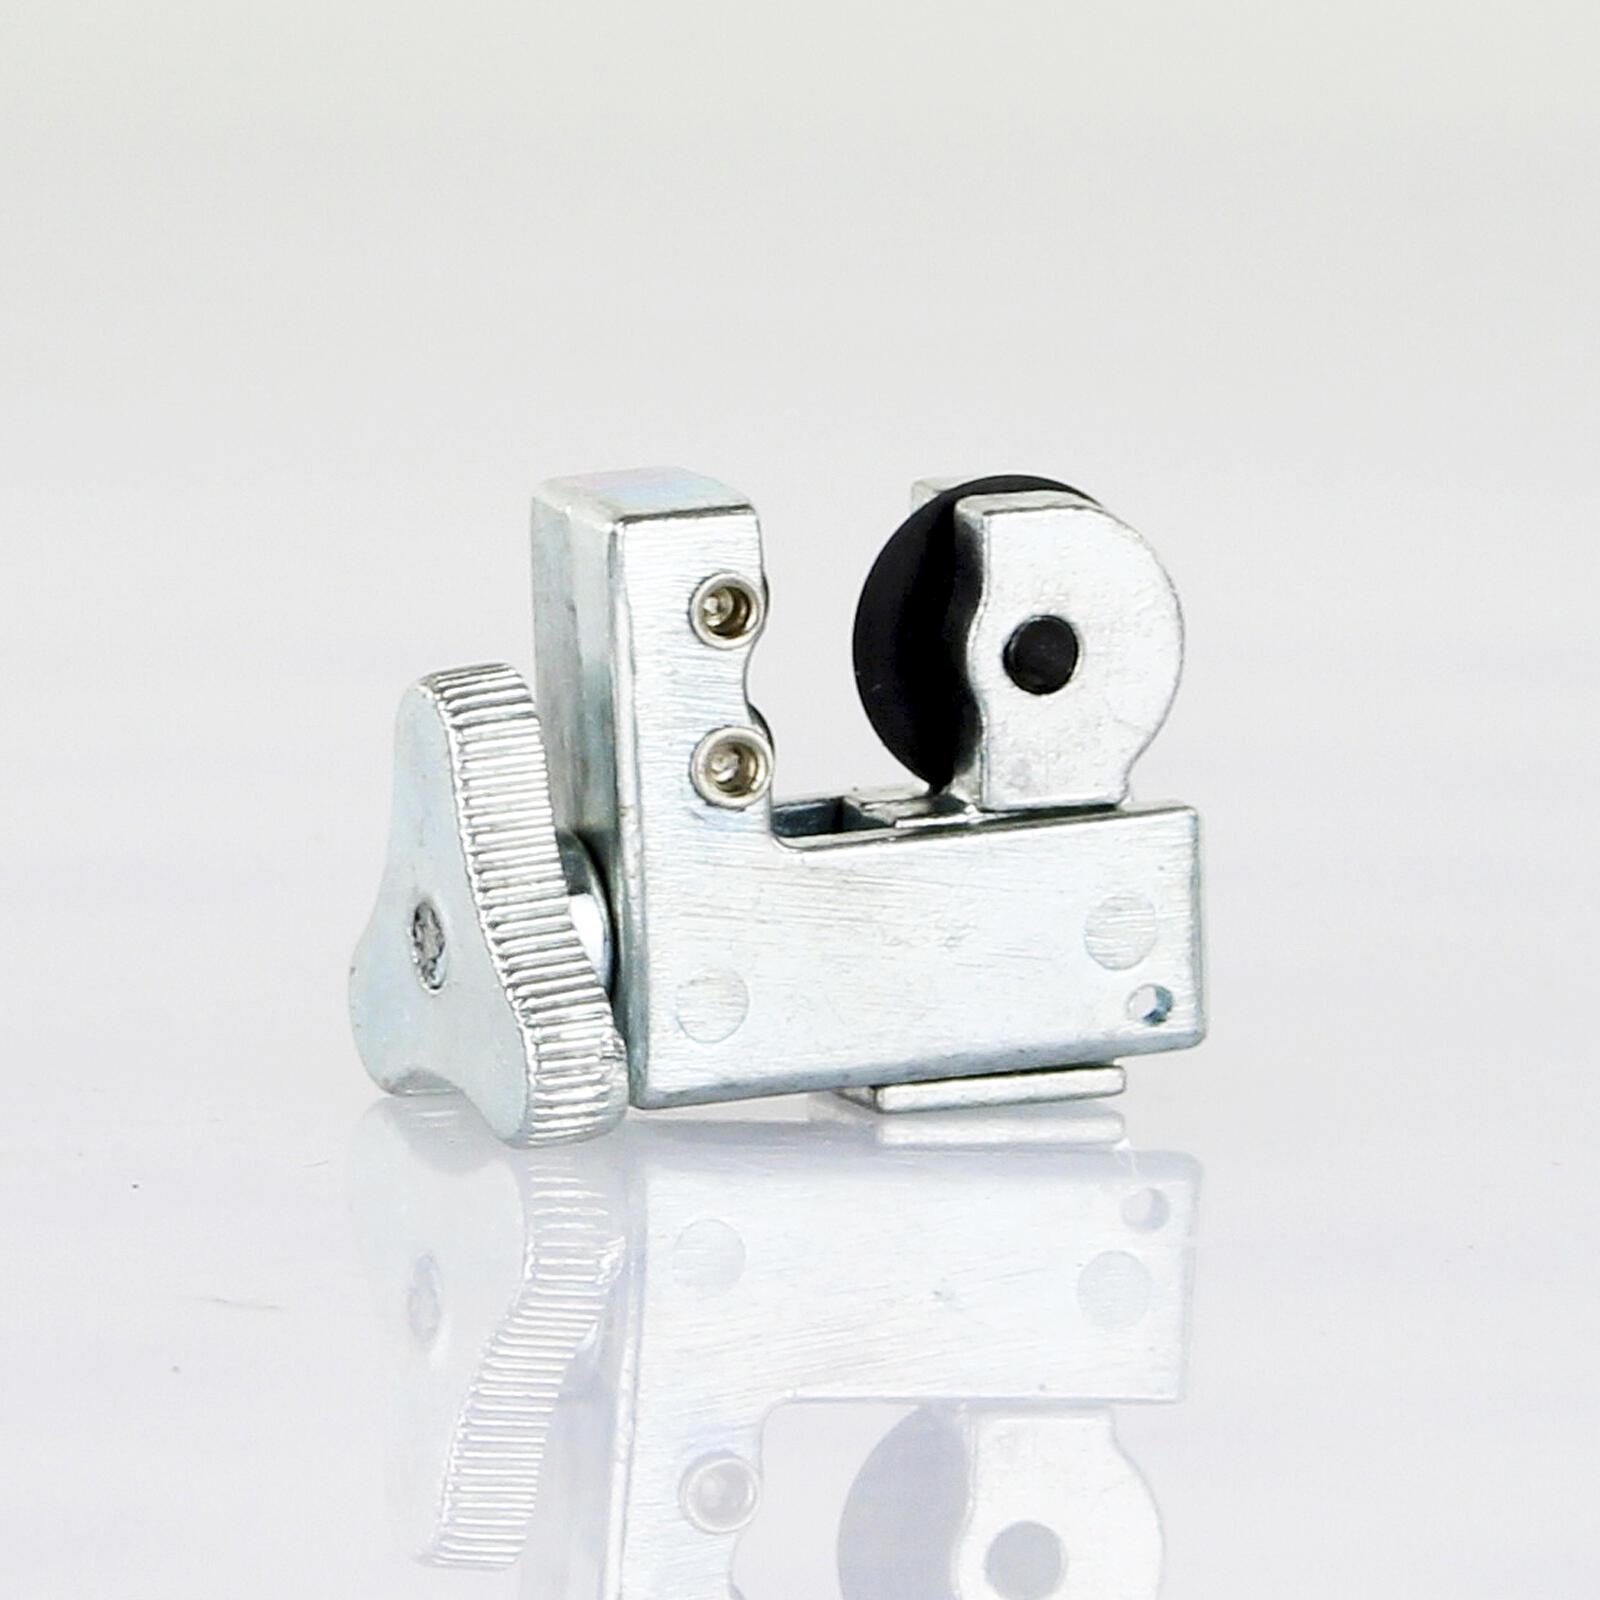 Mini Rohrschneider Rohrabschneider Rohrtrenner 3mm - 16mm Rohre Schneider